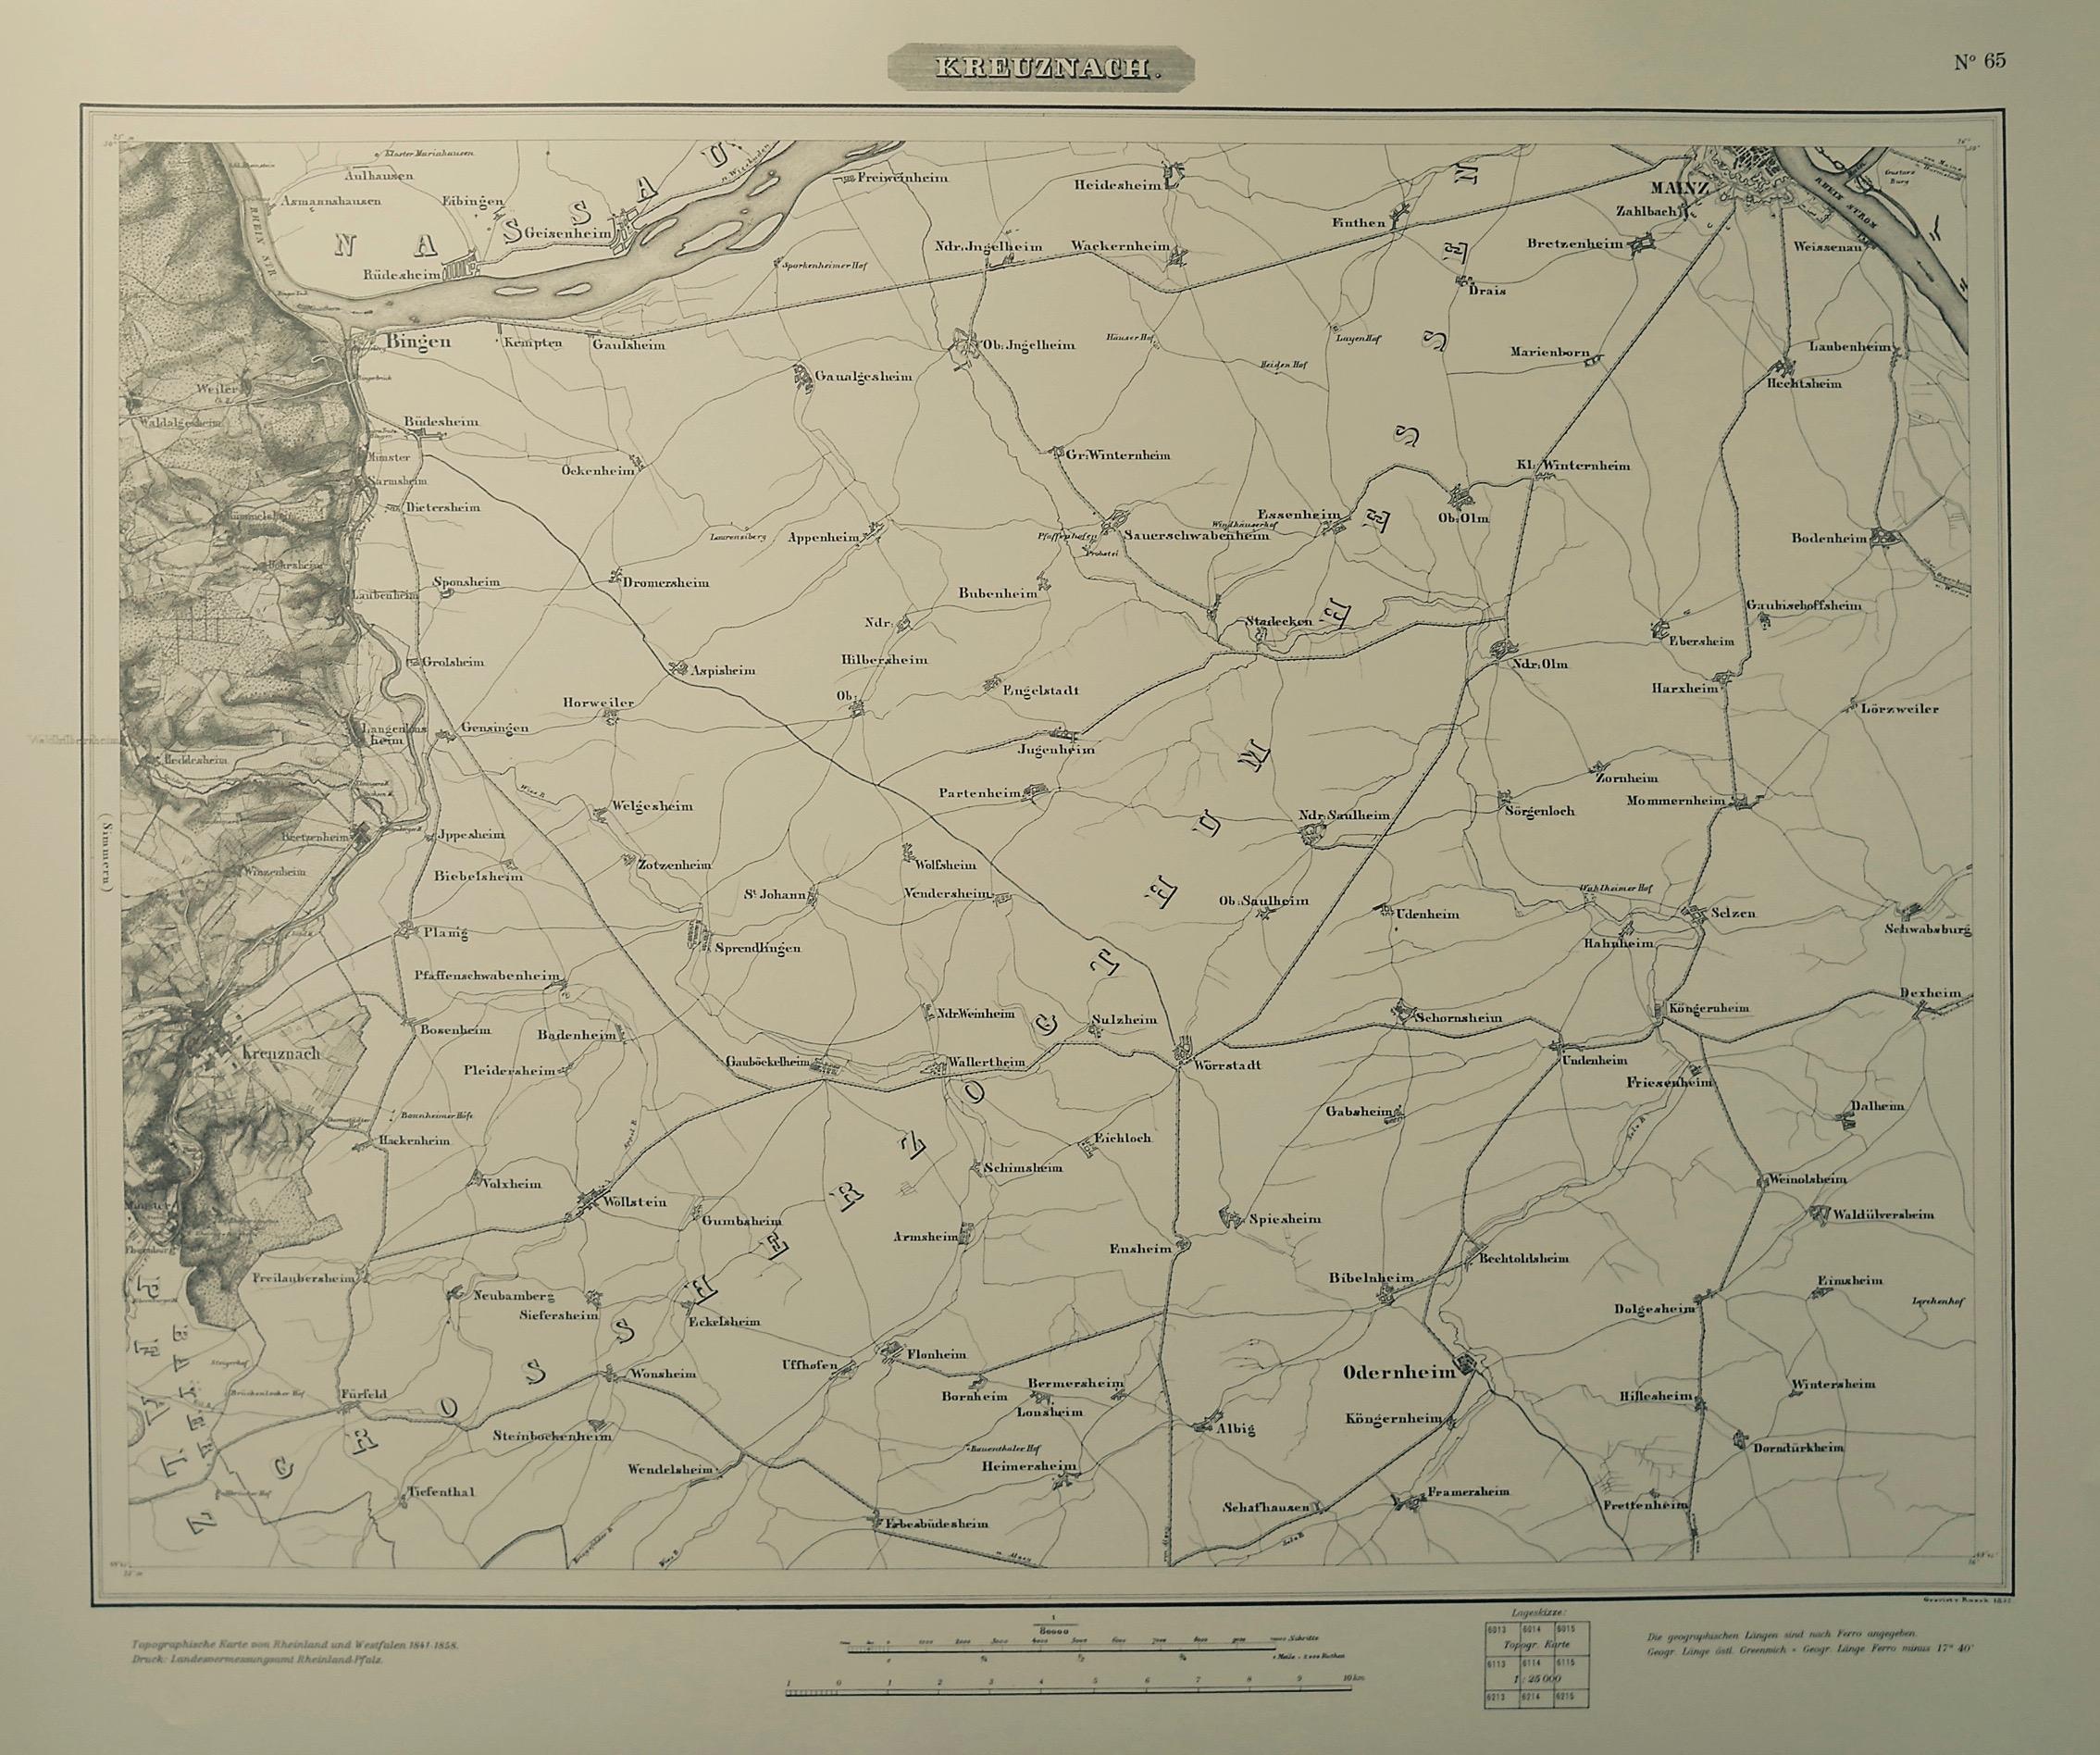 1841: Karte vom Rheinland